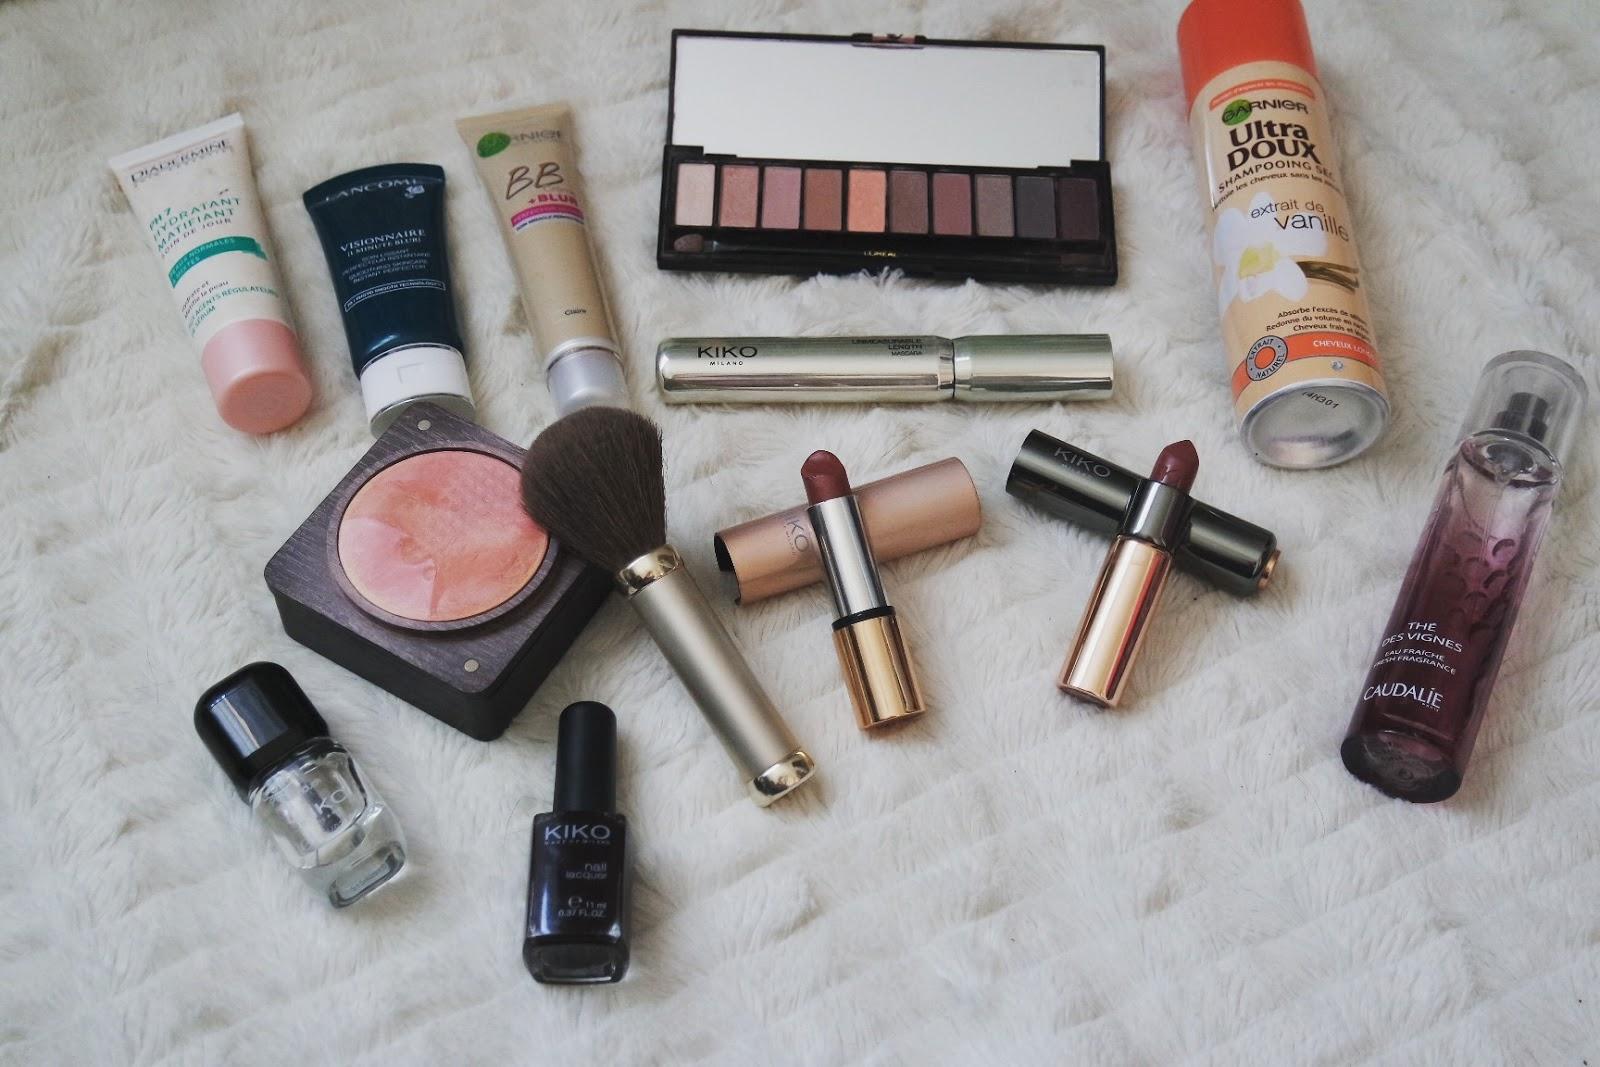 Maquillage Automne Favoris Kiko Lancome Garnier Palette BB creme Rouge à lèvre Blog Coin des licornes littéraire lifestyle Toulouse